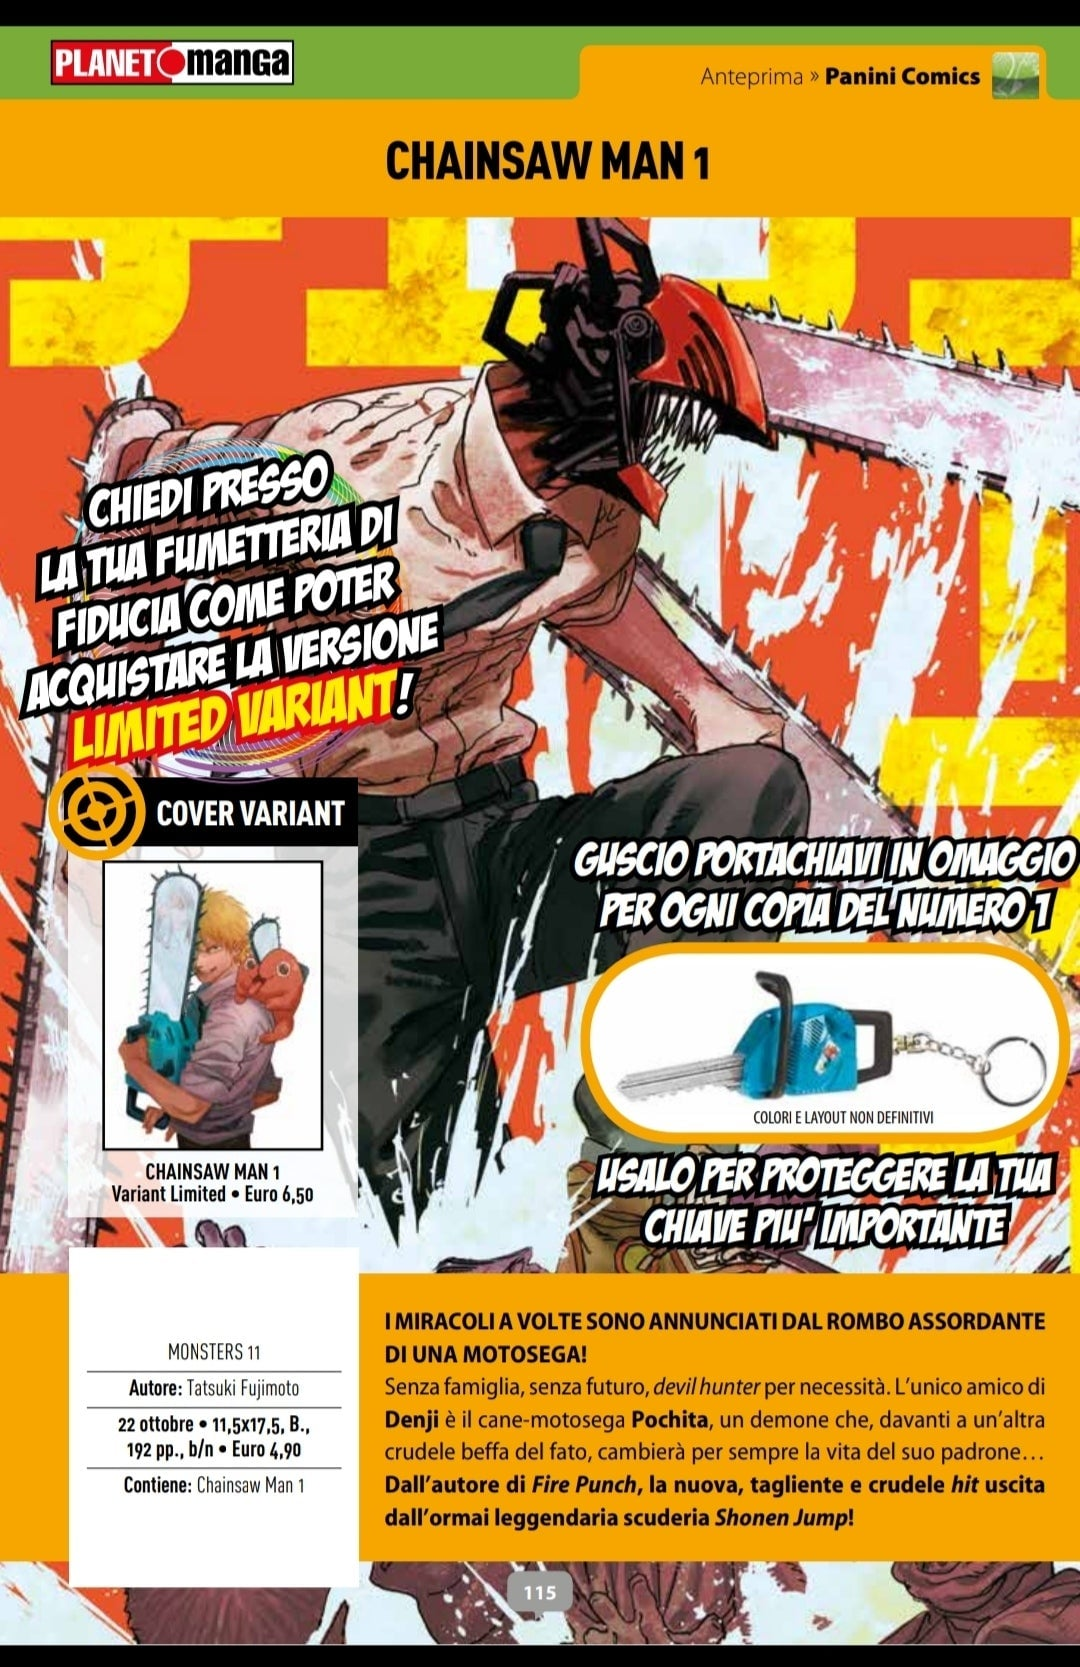 chainsaw man numero uno omaggio portachiavi ottobre 2020